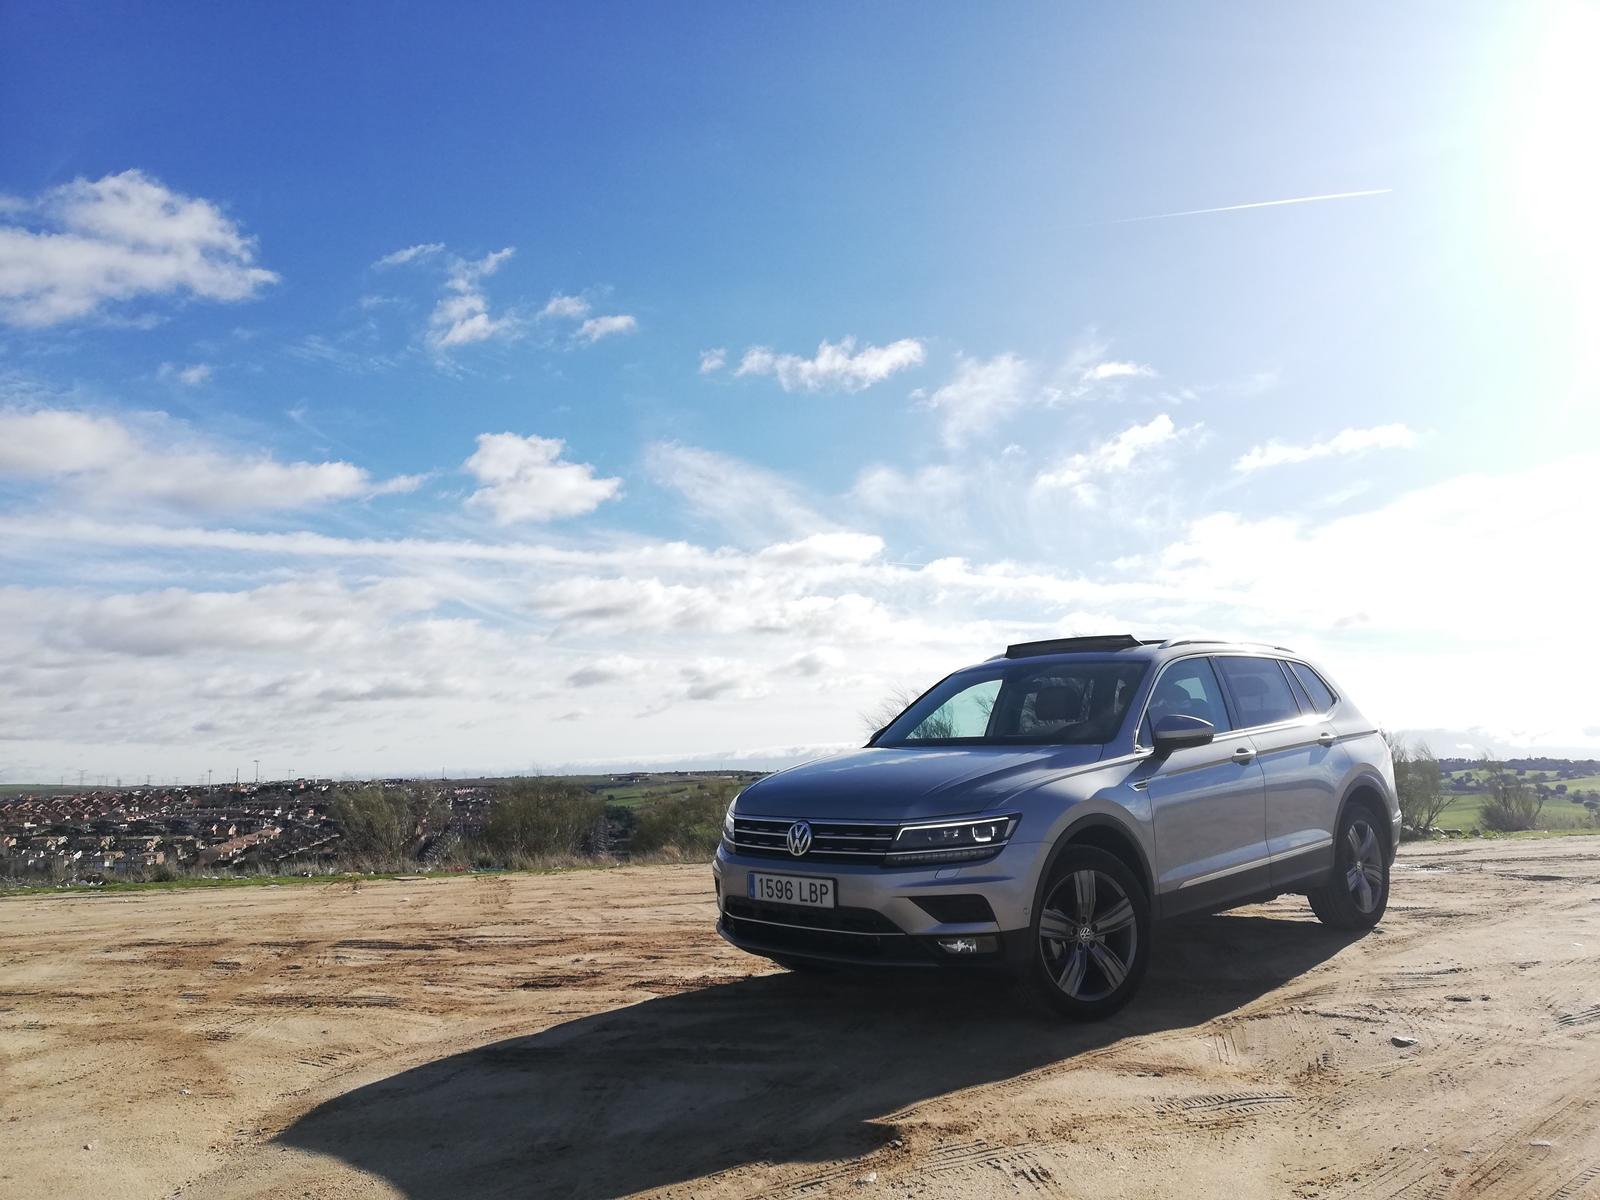 Prueba Volkswagen Tiguan Allspace (48)